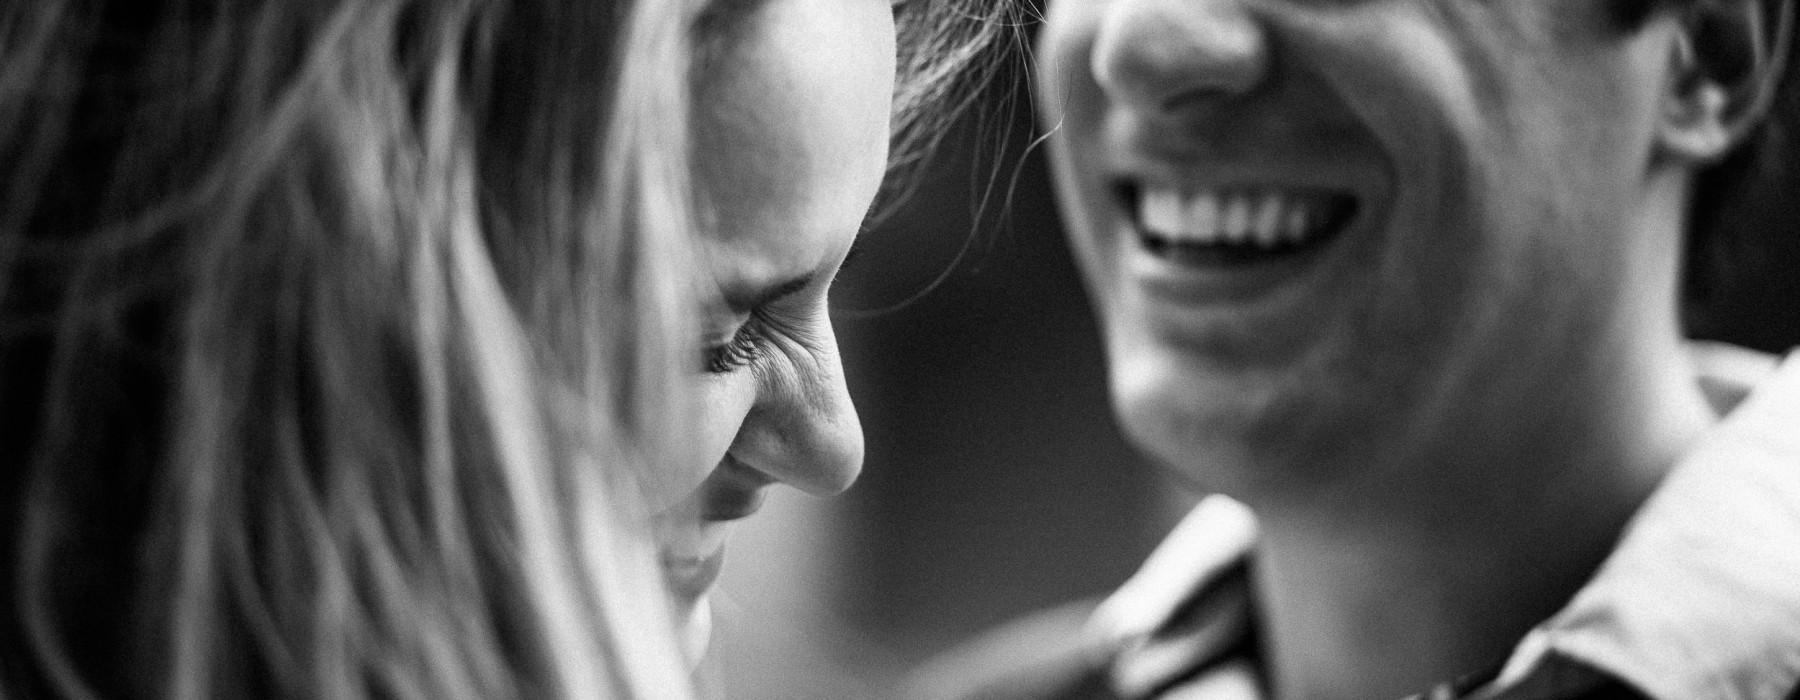 renato-dpaula-noivos-felizes-ensaio-esession-pre-wedding